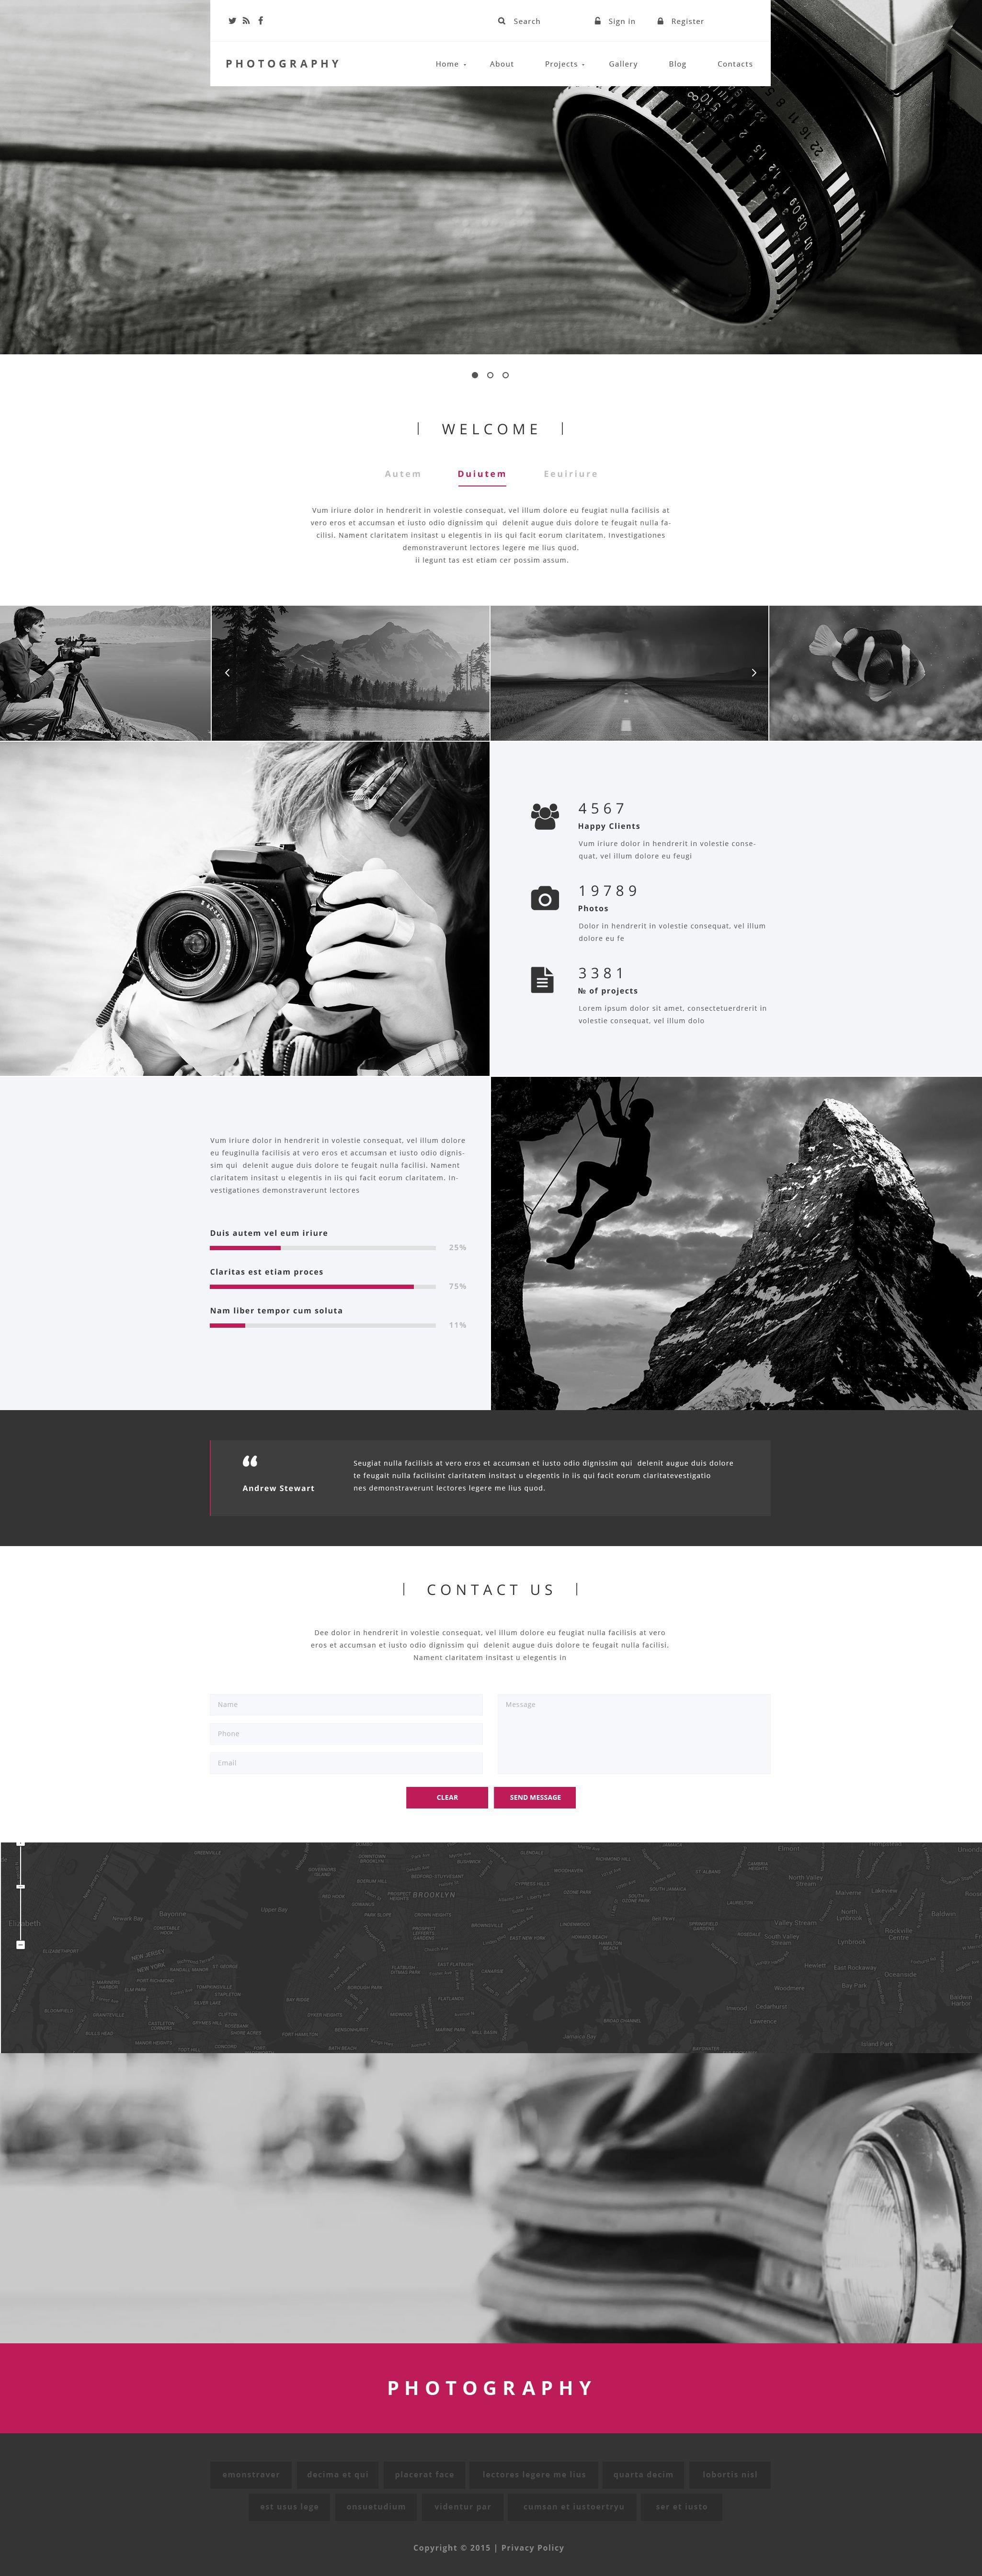 """Plantilla Drupal """"Photography"""" #55089 - captura de pantalla"""